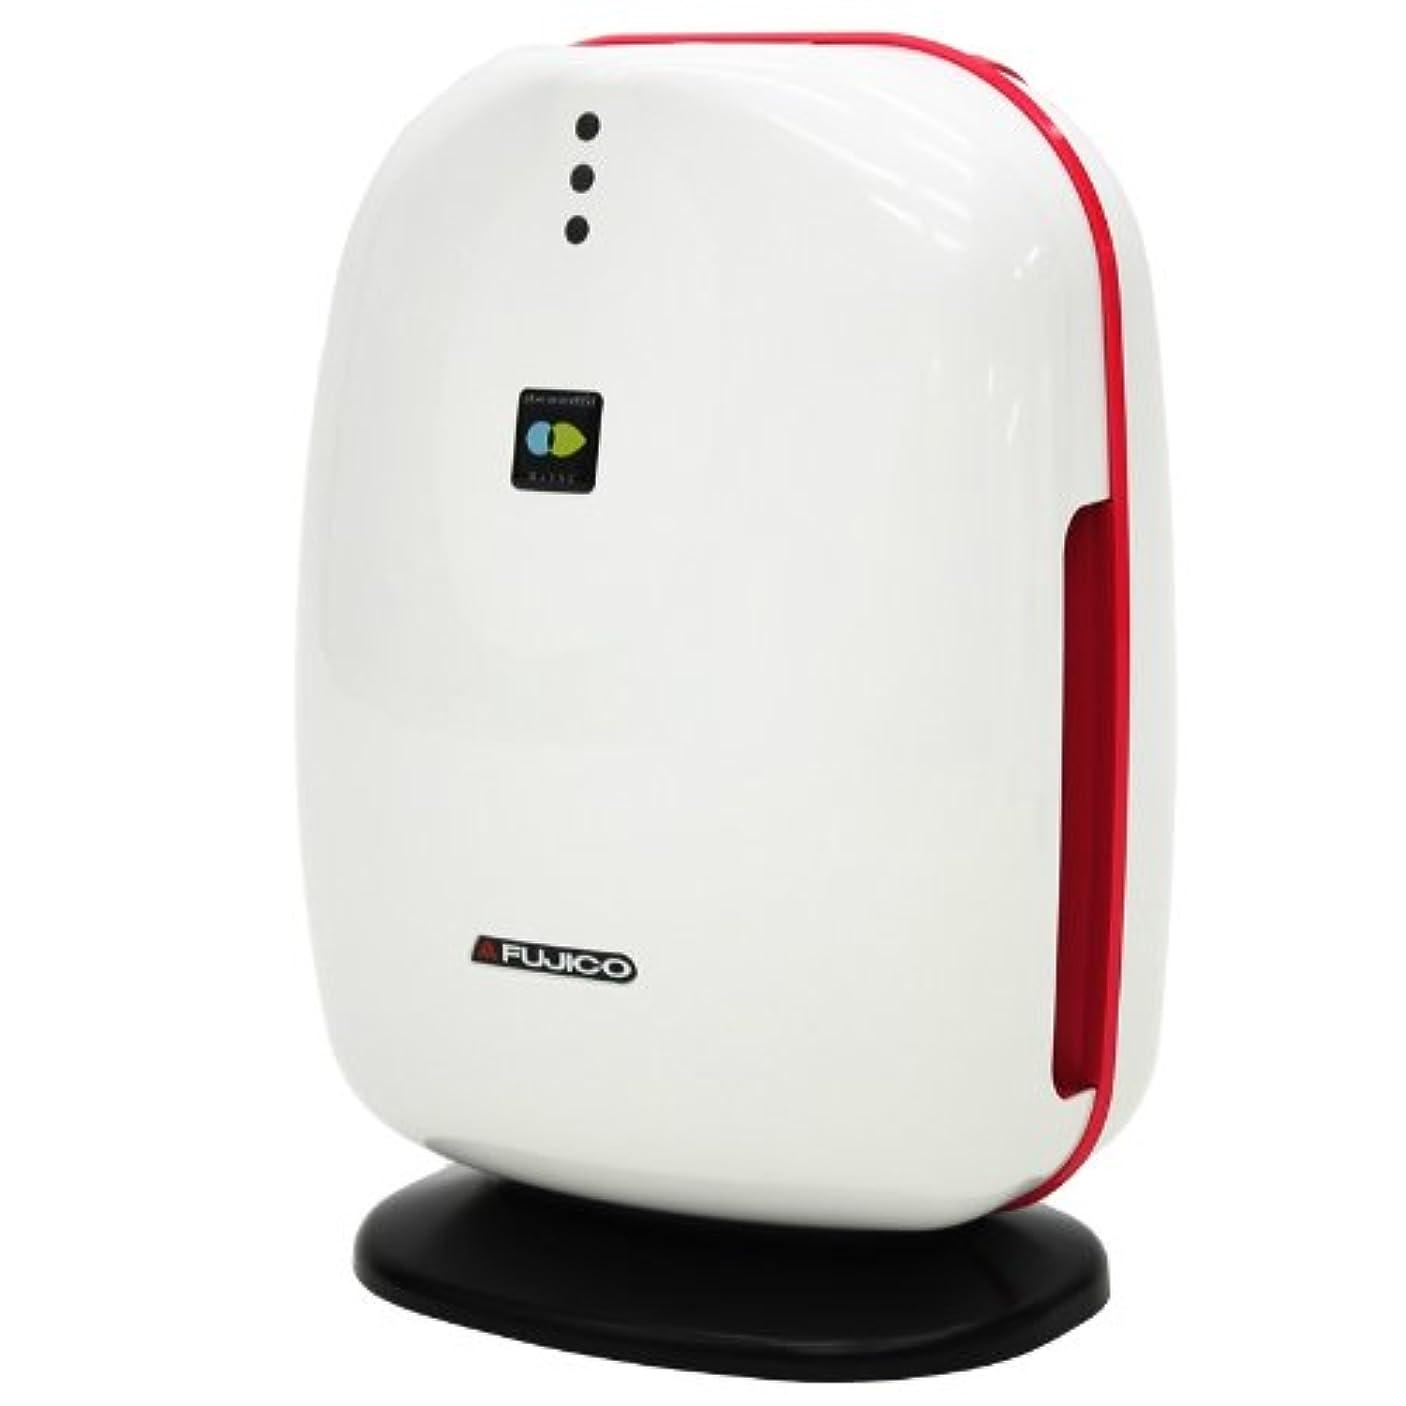 不機嫌そうな緊張する群衆空気消臭除菌装置マスククリーンMC-V2 ピンク